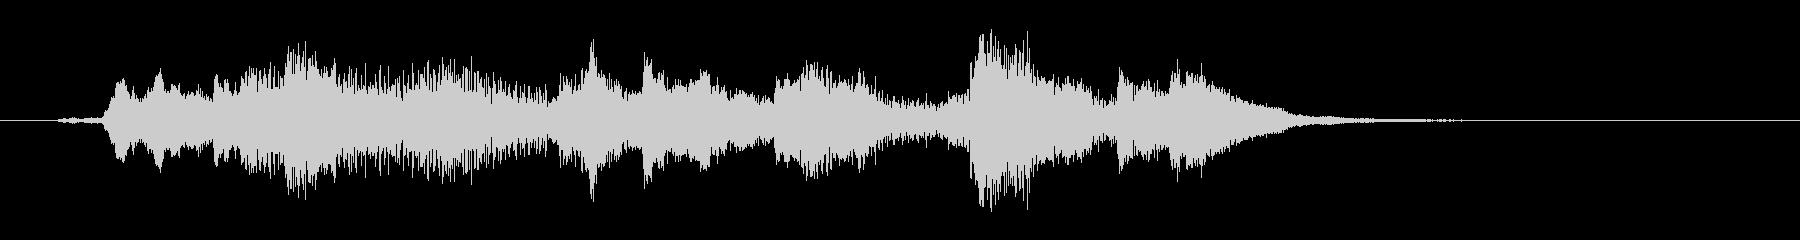 不思議なハープのグリッサンド の未再生の波形